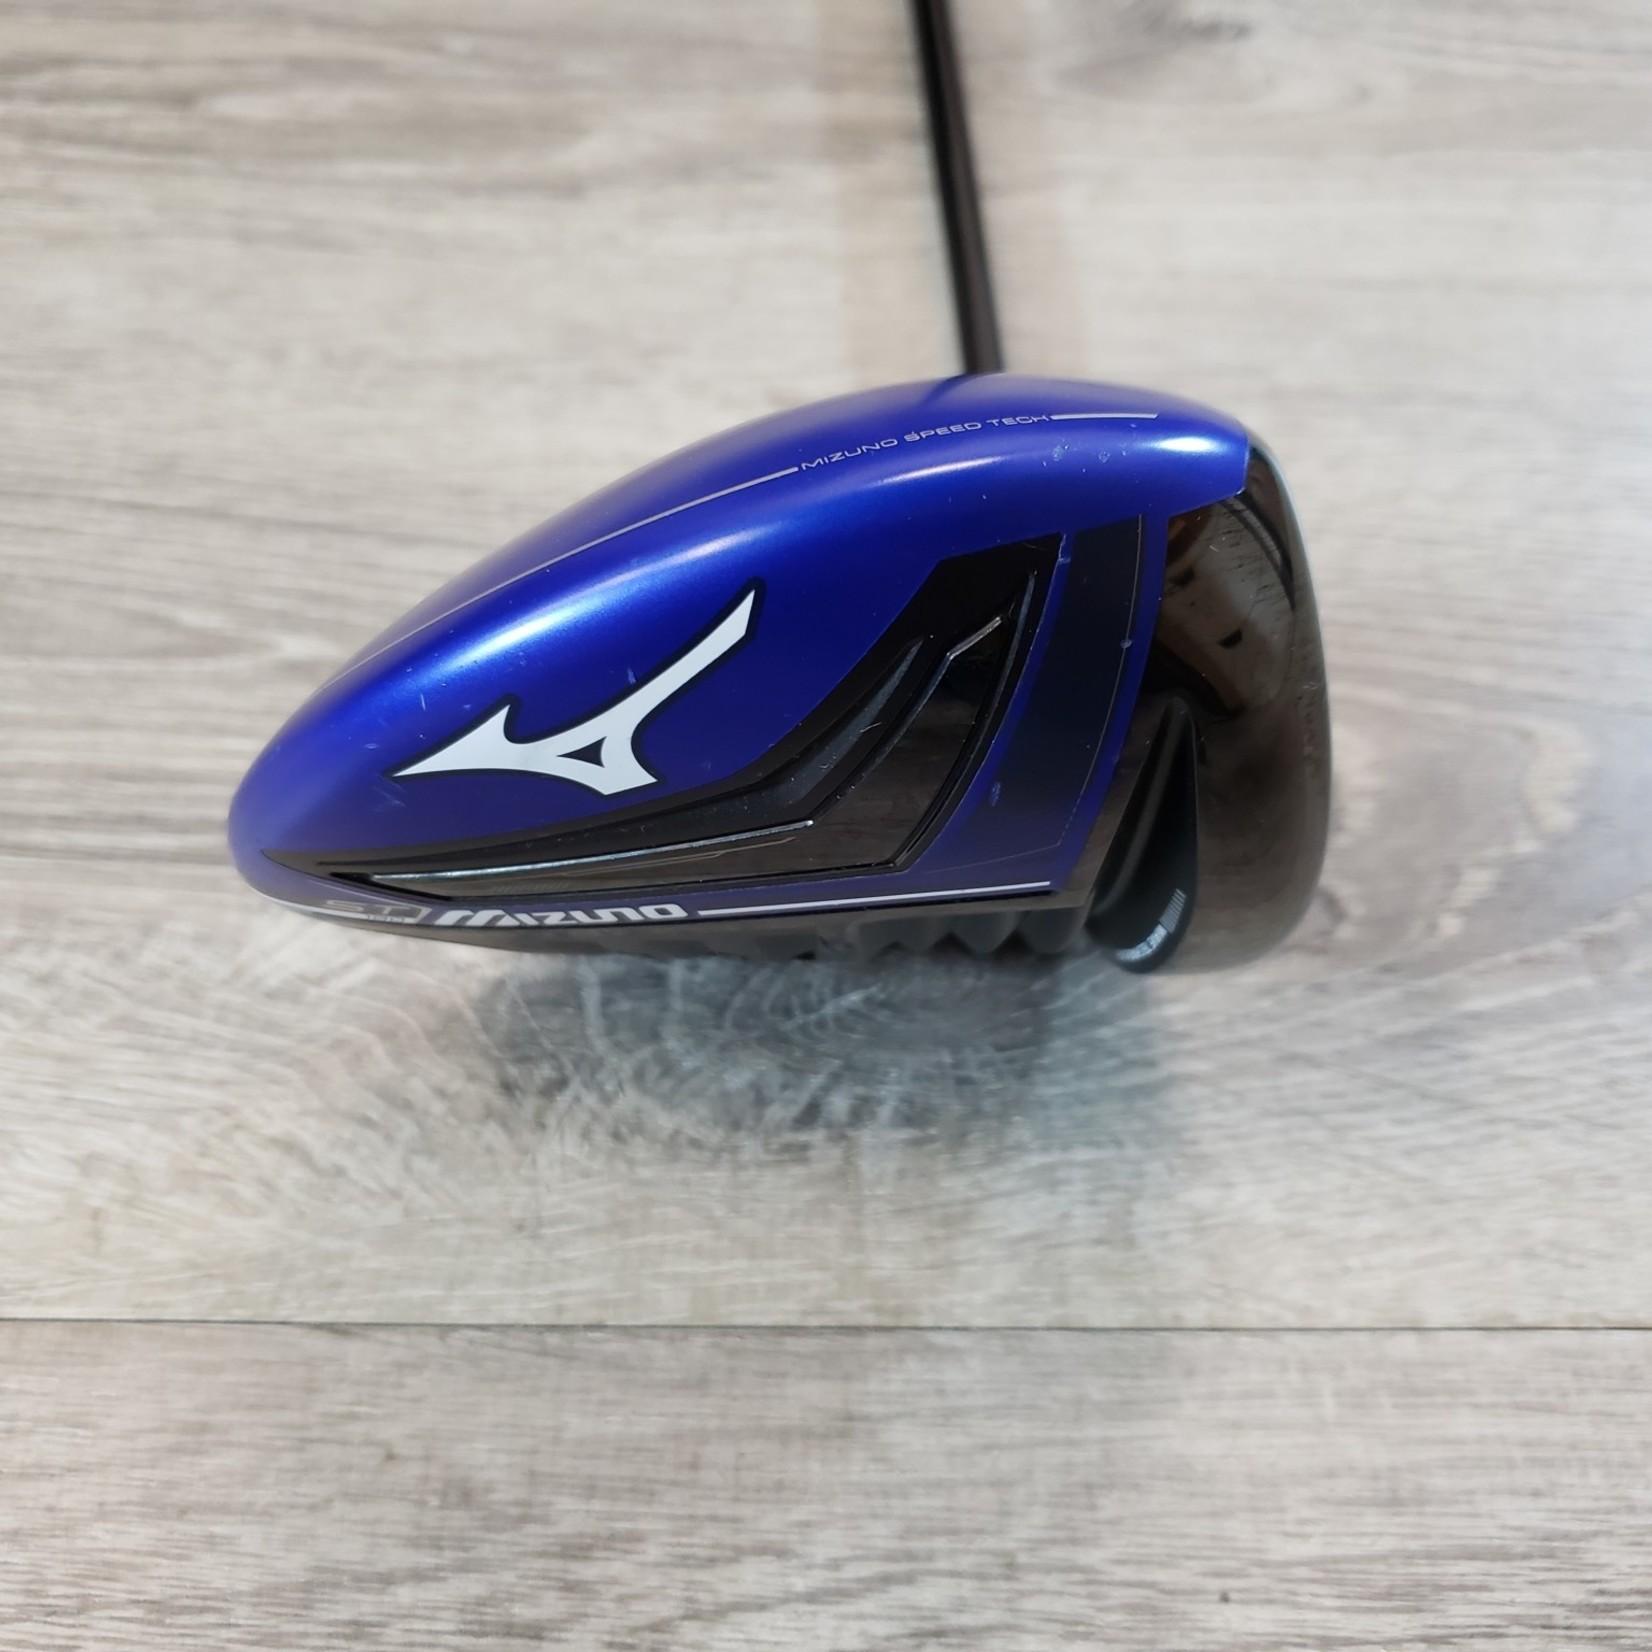 Mizuno Mizuno ST180 Driver Tensei Blue 60 Stiff (RH)